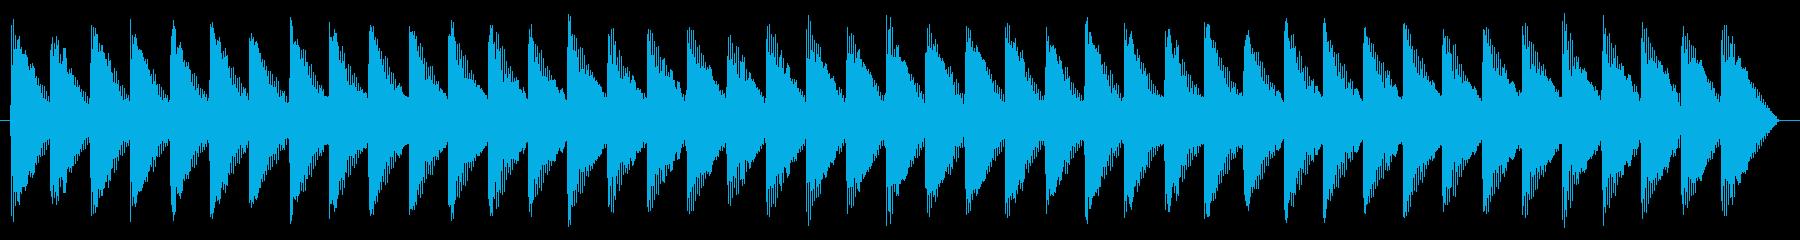 踏切 警報音01-1の再生済みの波形